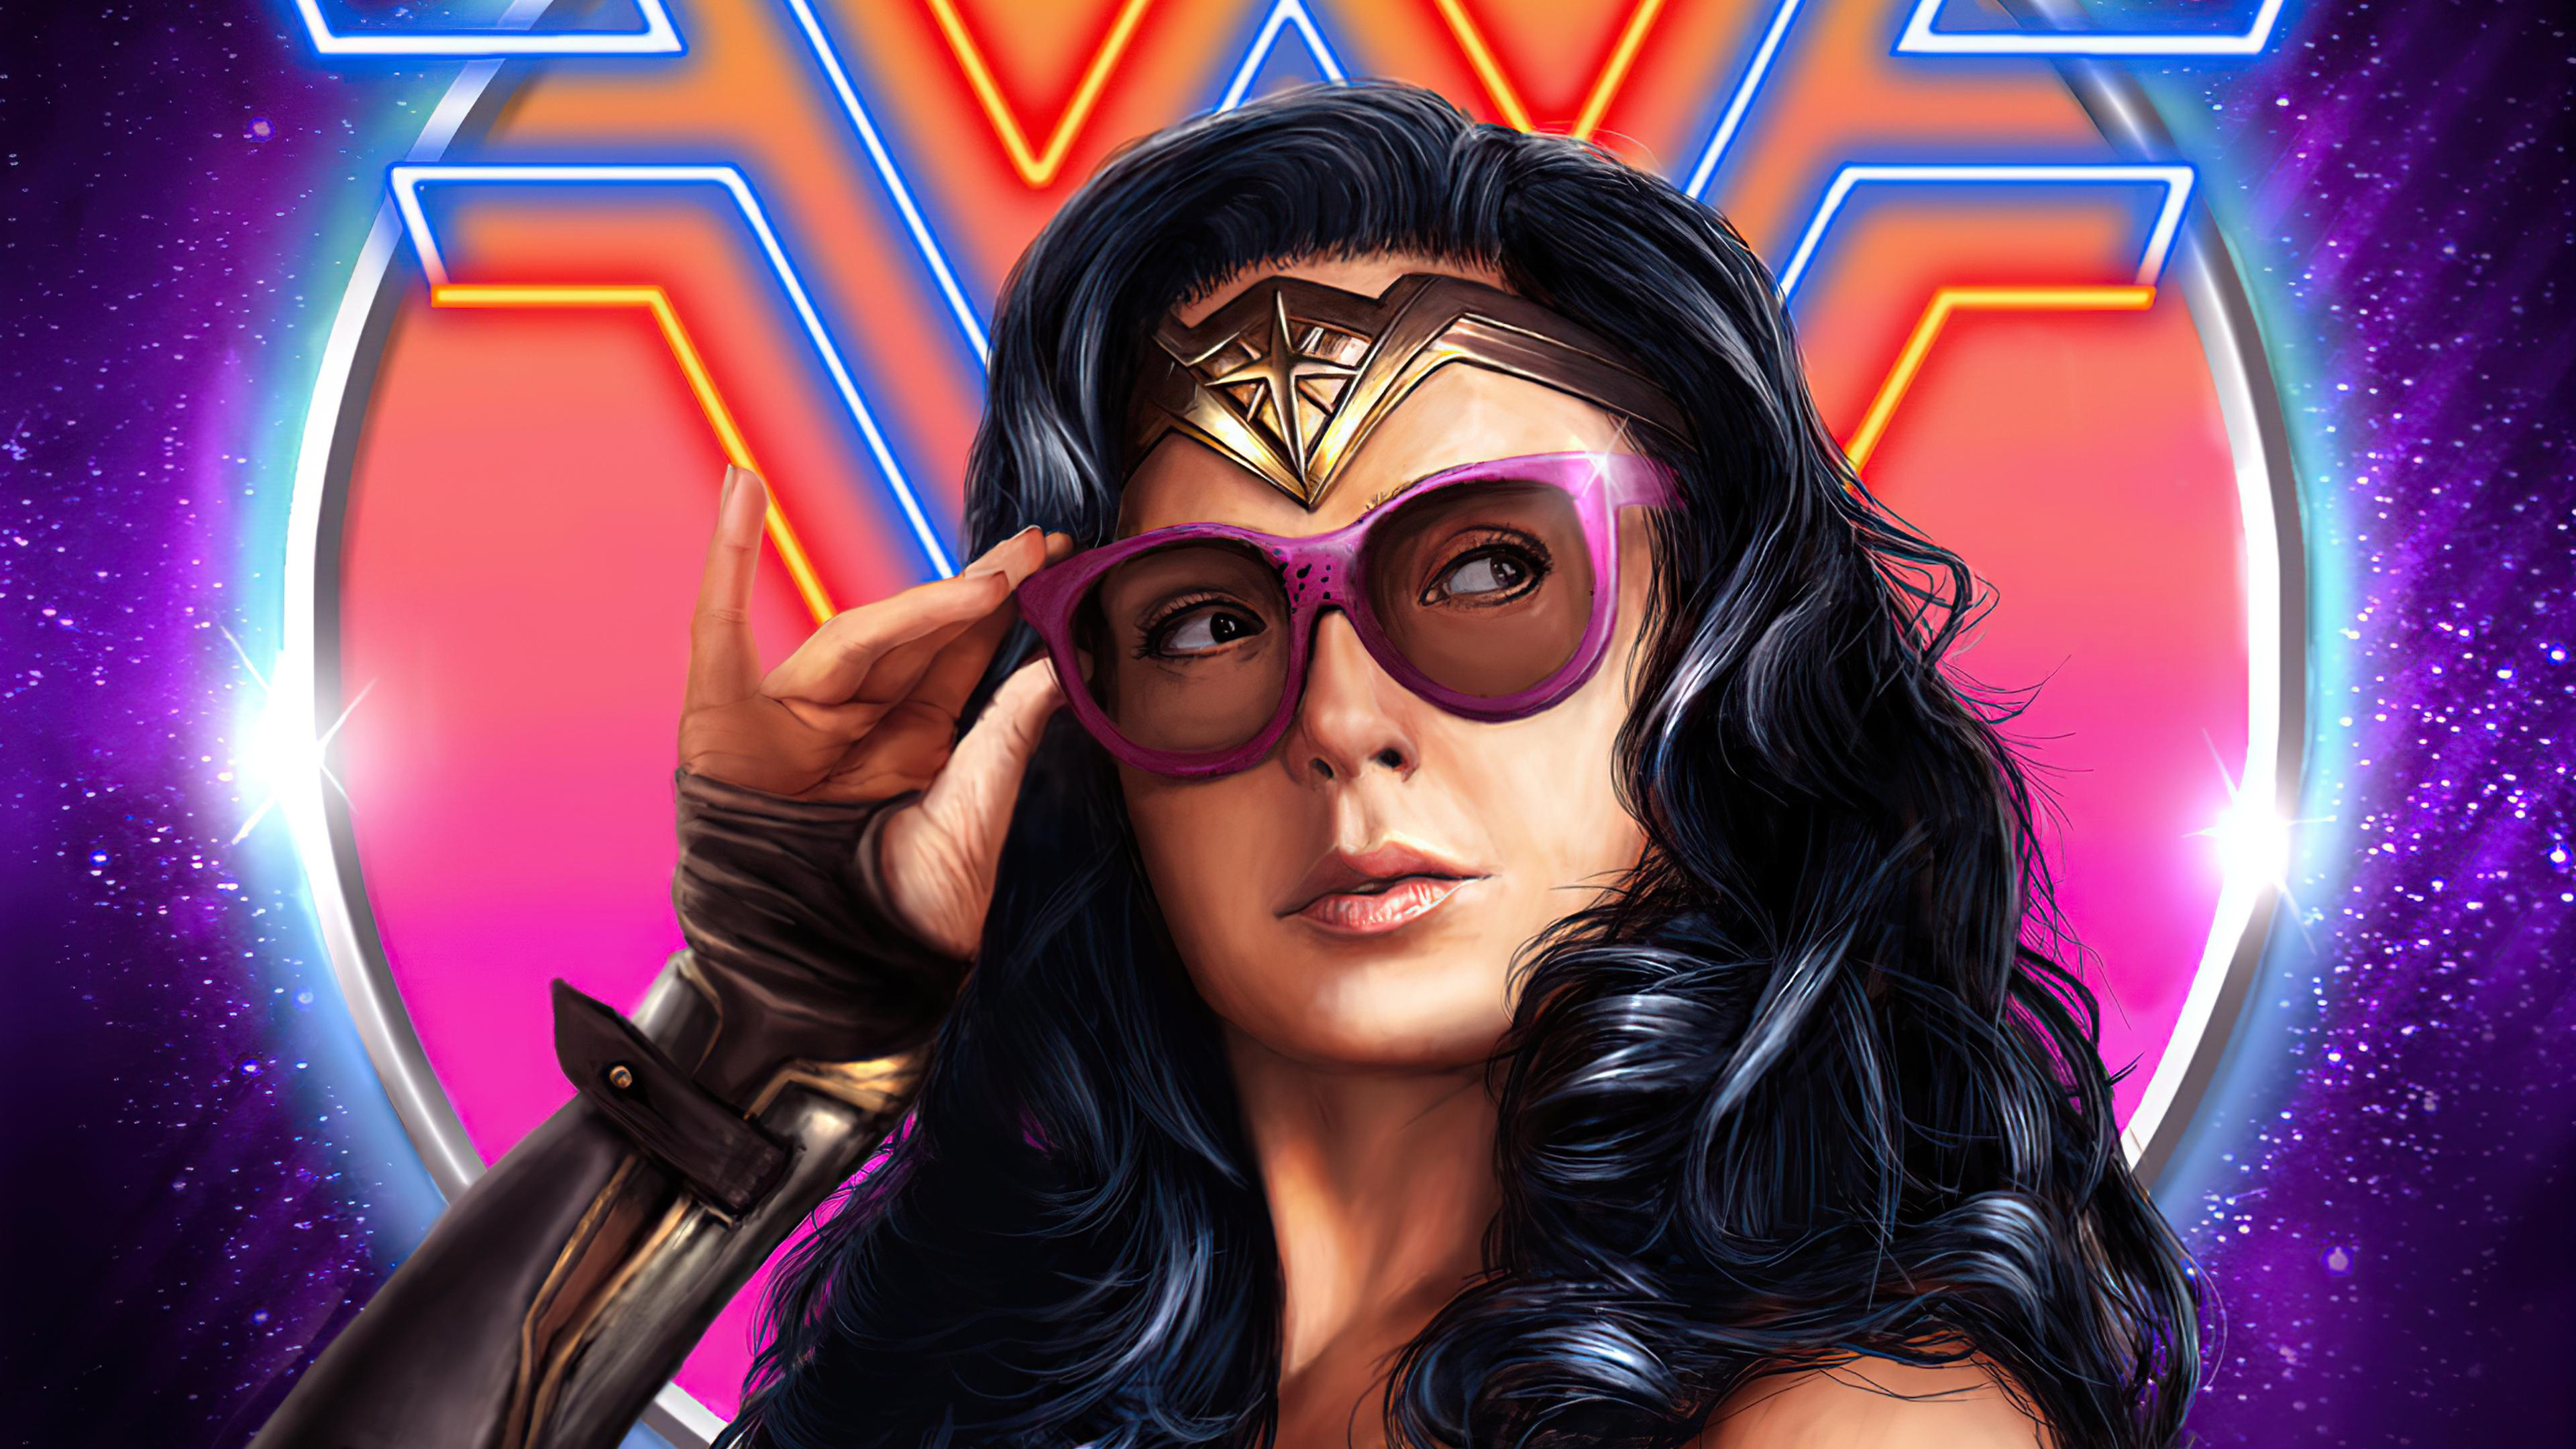 wonder-woman-1984-dc-art-4k-b8.jpg